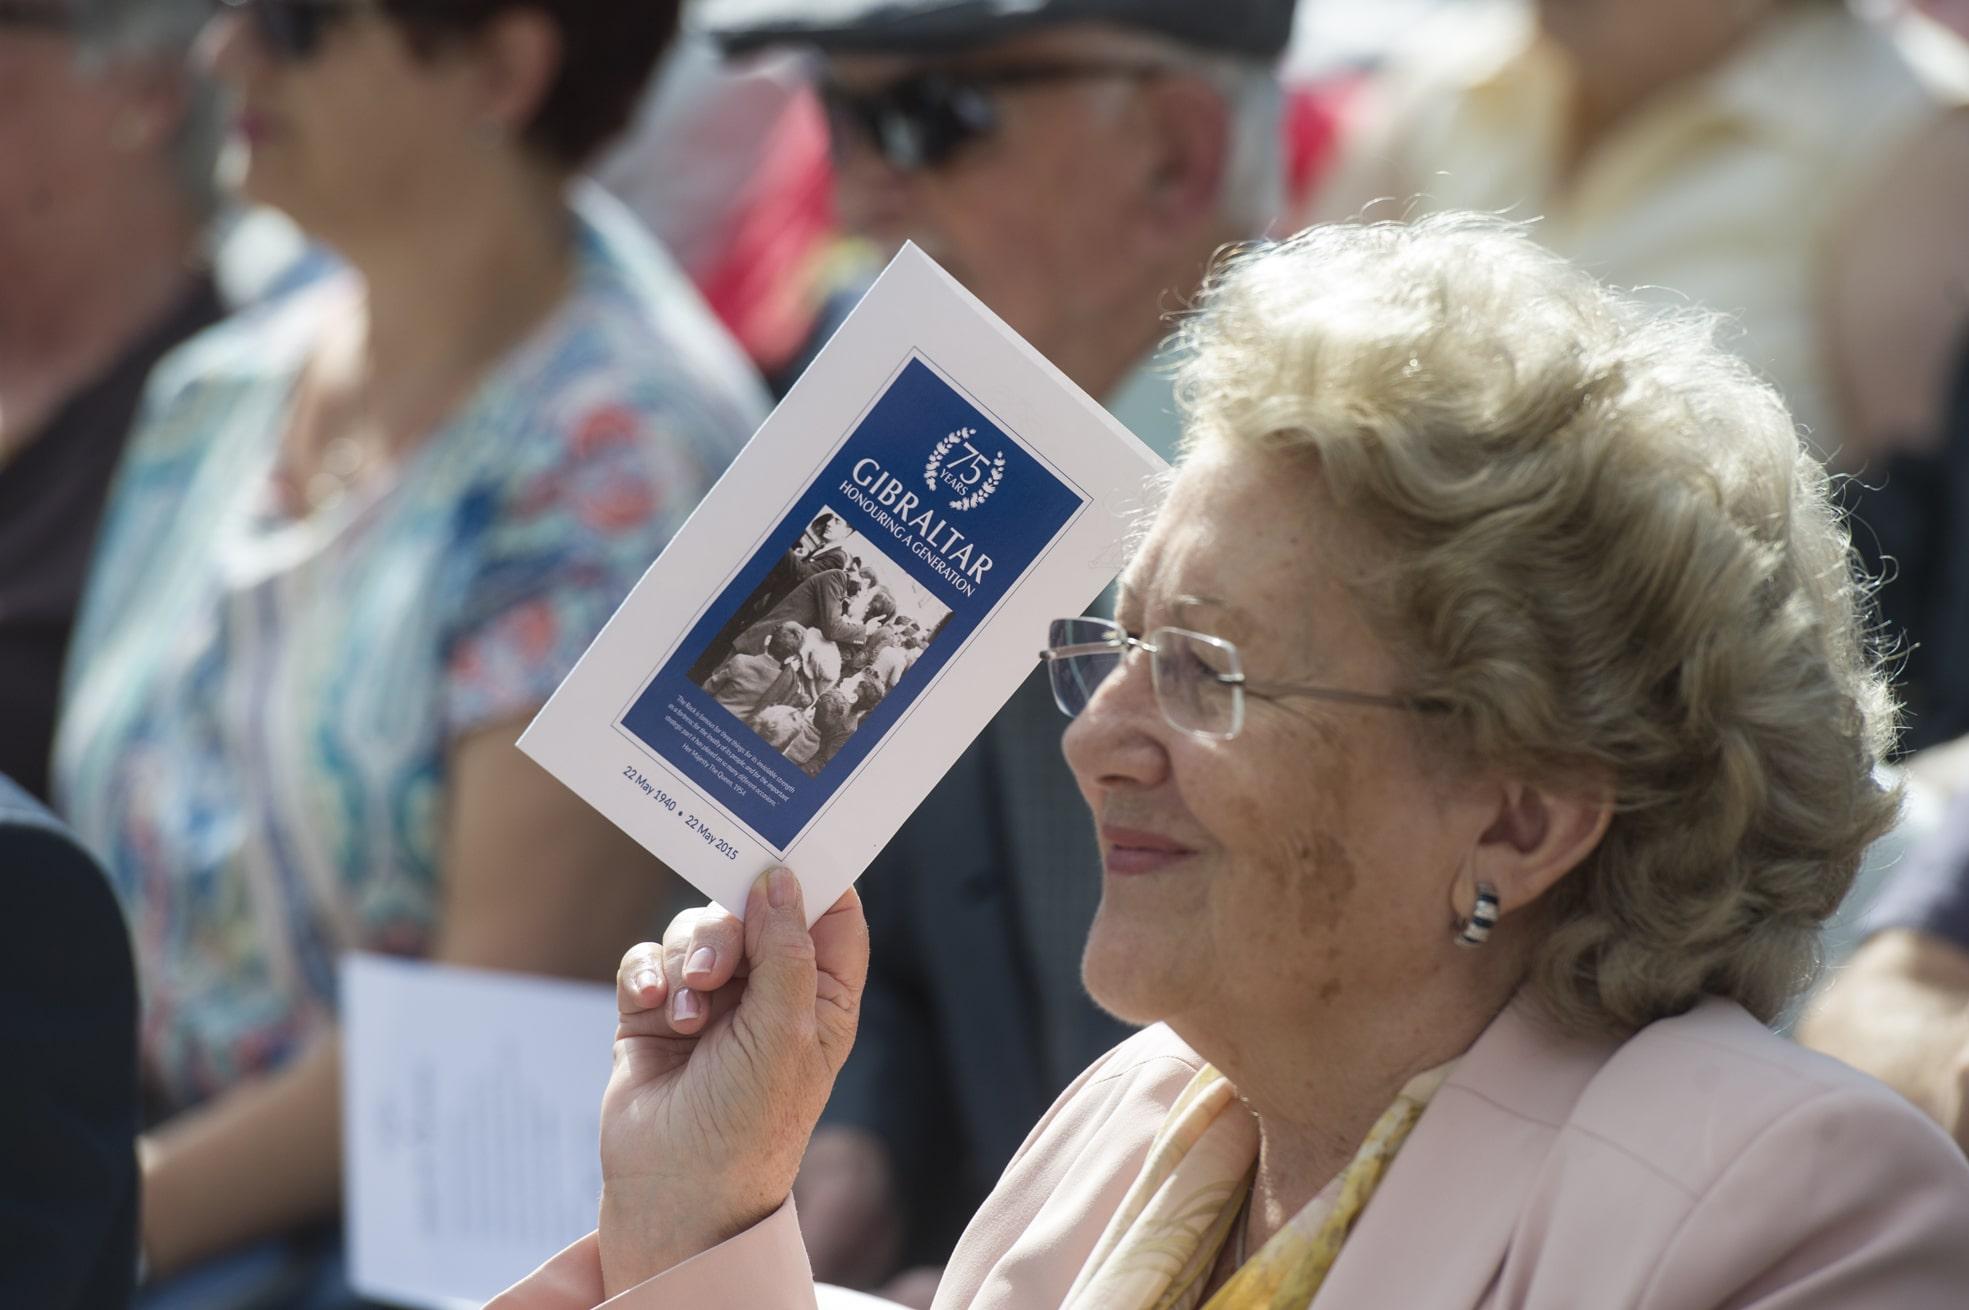 ceremonia-75-anos-evacuacion-gibraltar-22052015-22_17995980061_o